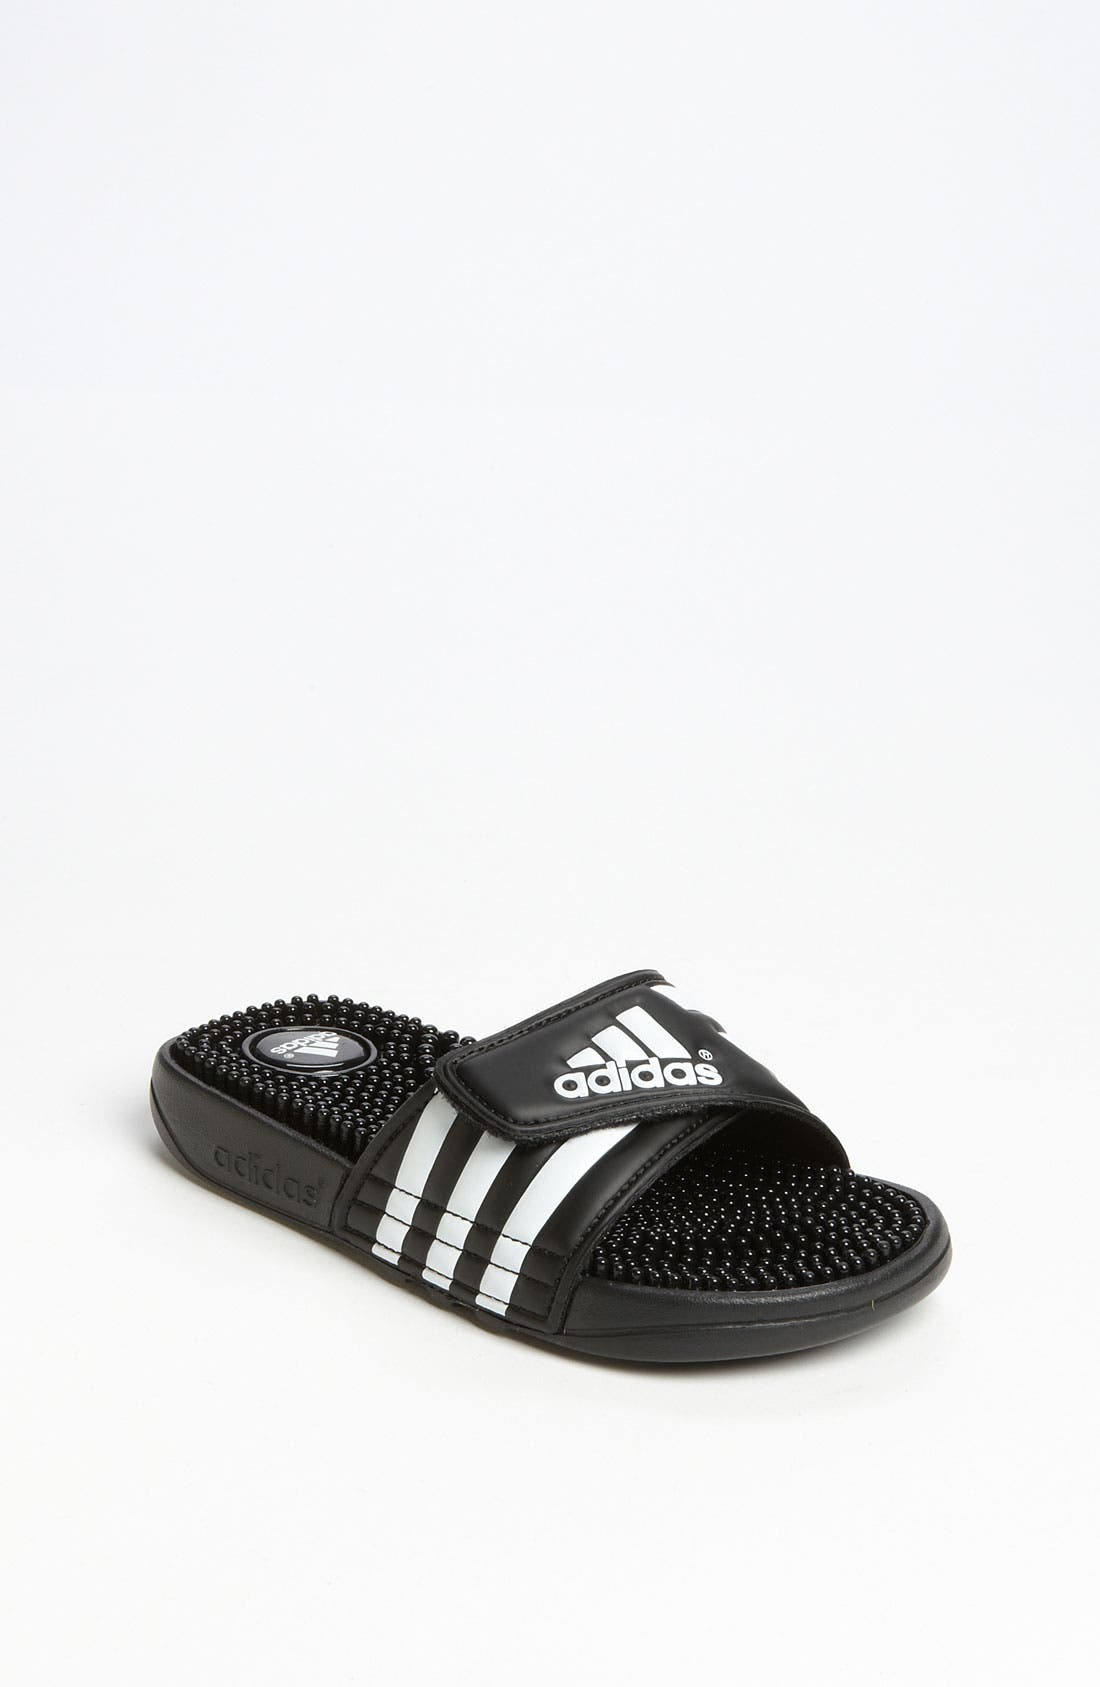 Alternate Image 1 Selected - adidas 'Adissage' Sandal (Toddler, Little Kid & Big Kid)